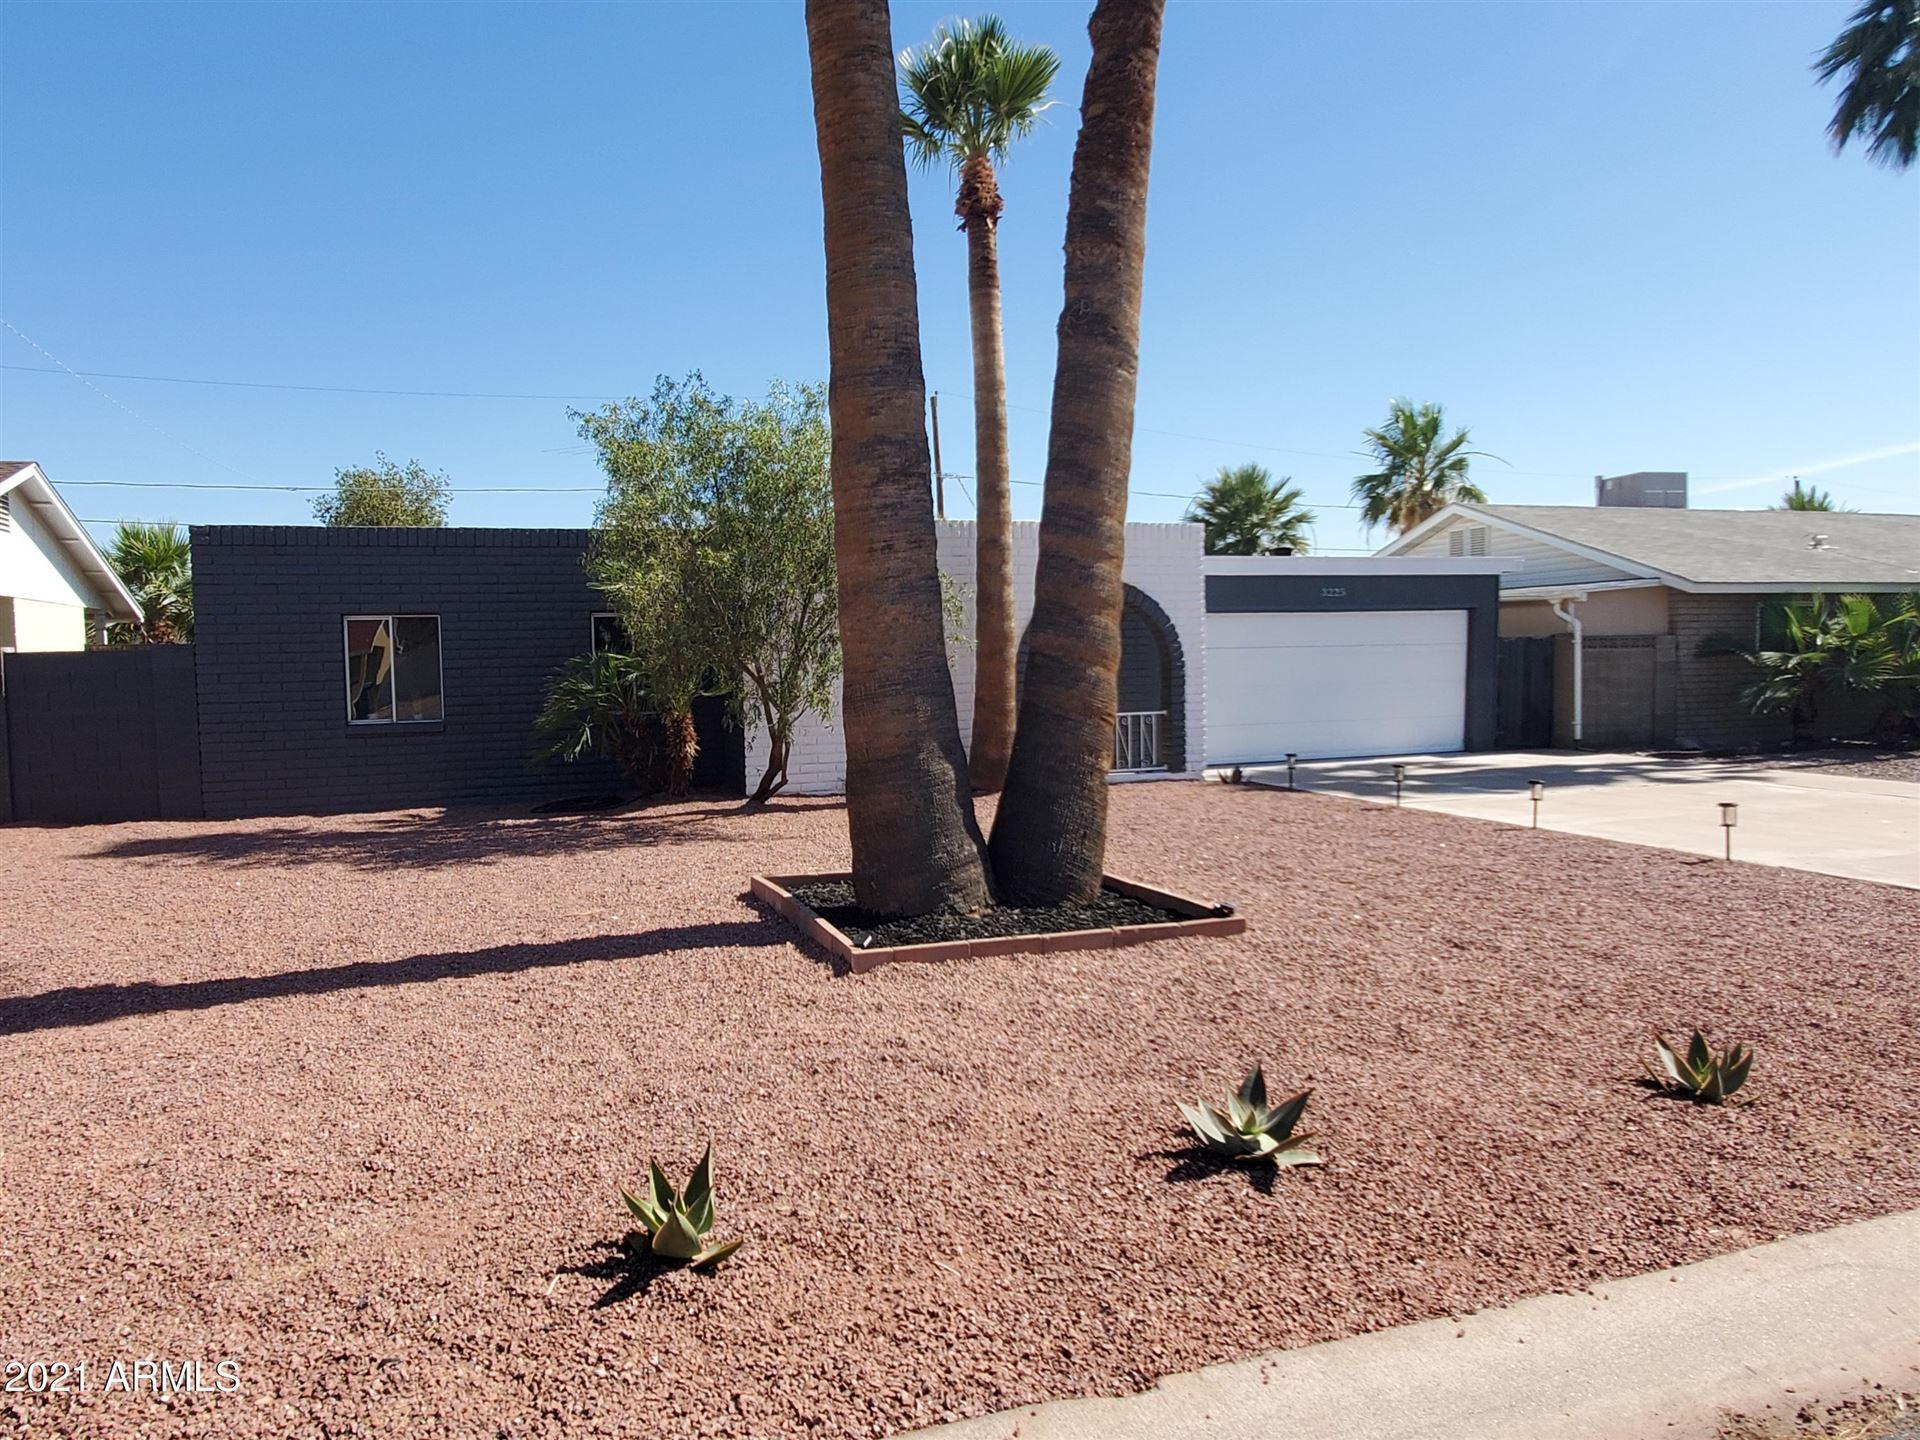 3225 E PALM Lane, Phoenix, AZ 85008 - MLS#: 6240370